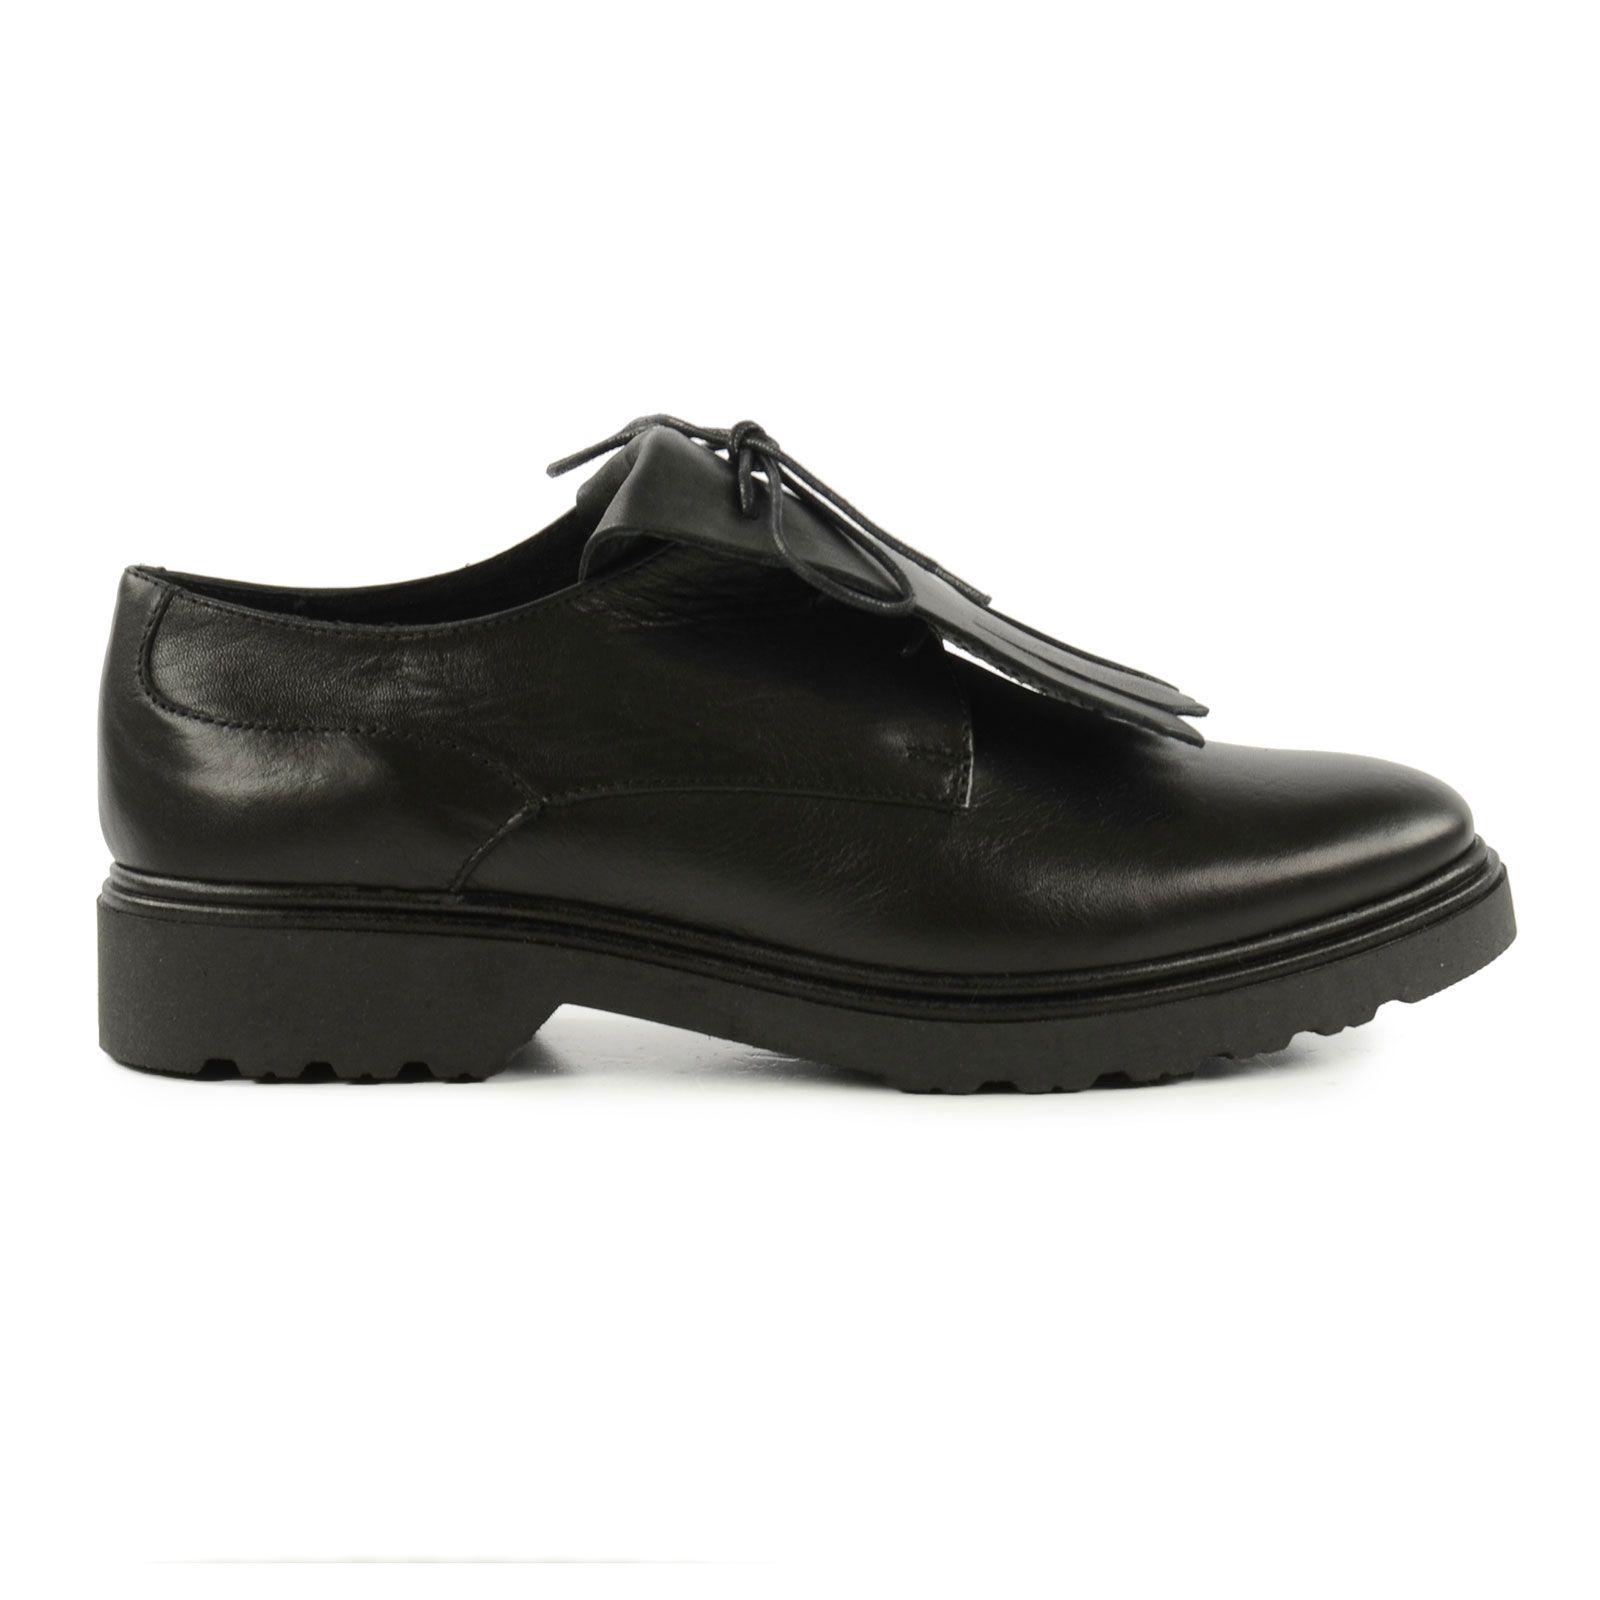 chaussures lacets franges femmes. Black Bedroom Furniture Sets. Home Design Ideas